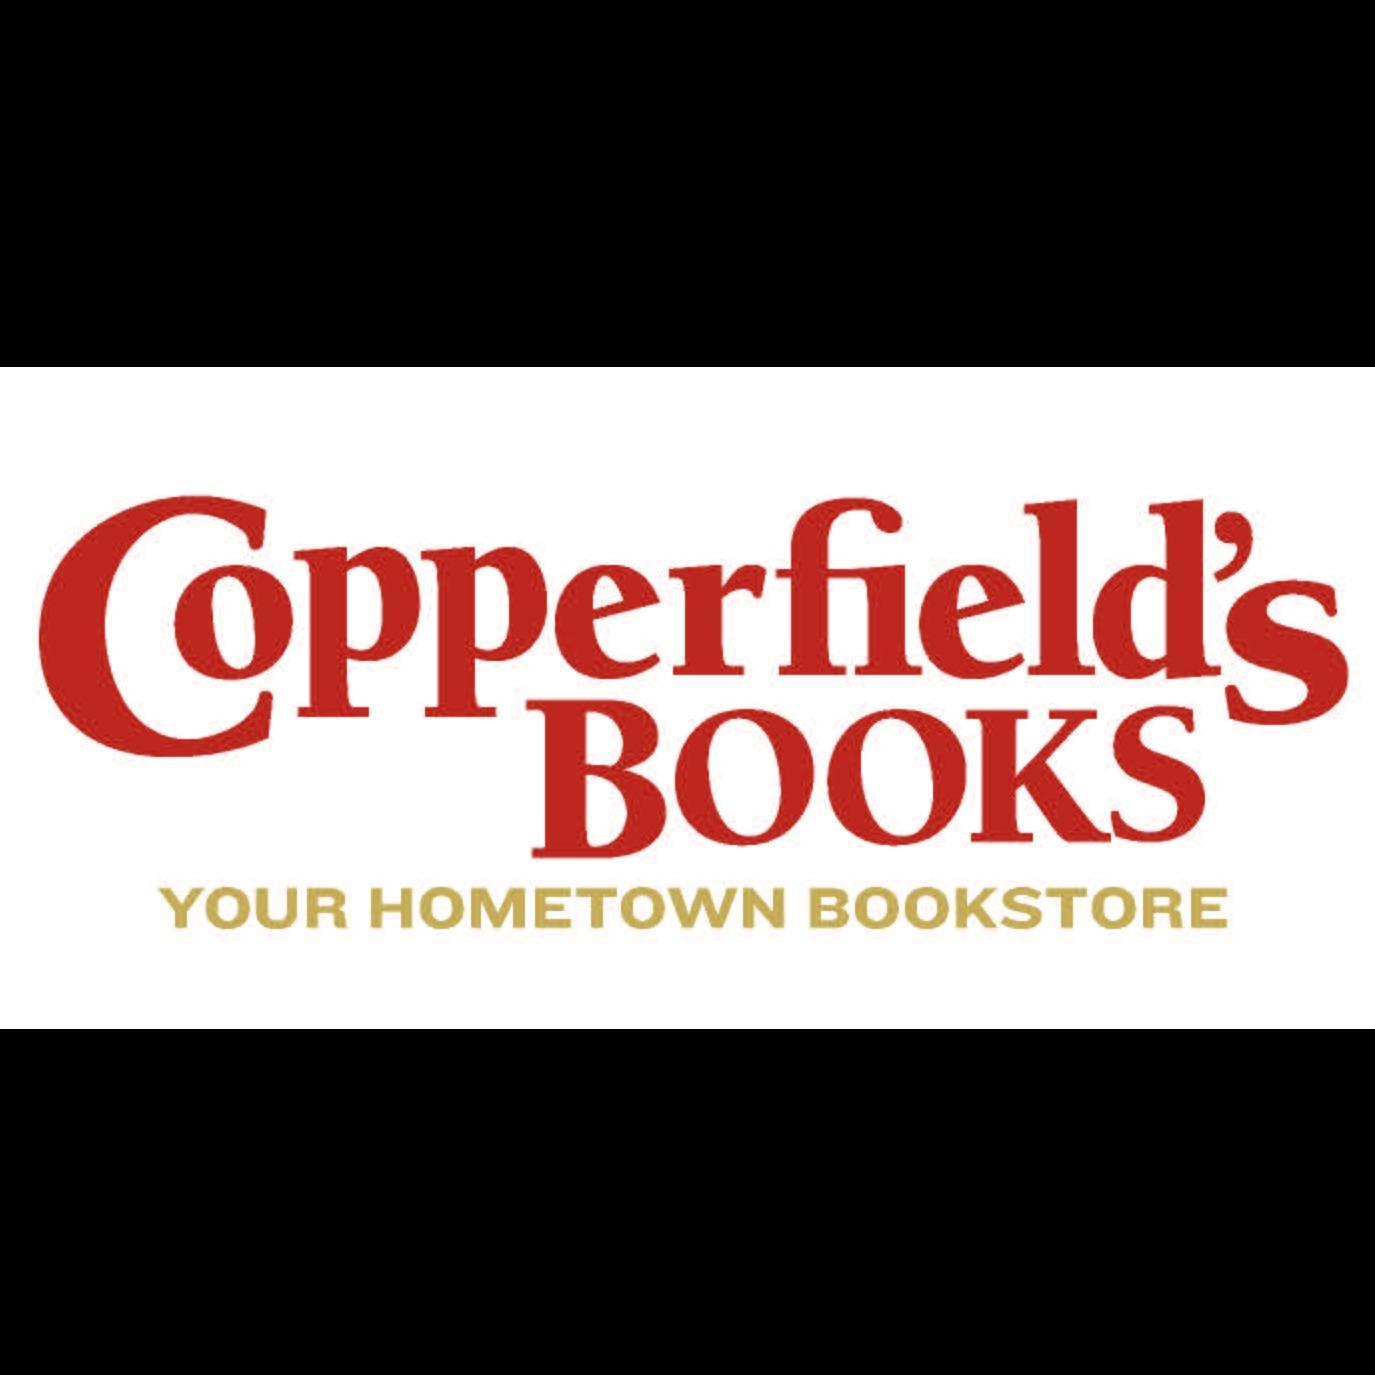 Copperfield's Books - Santa Rosa, CA - New Books